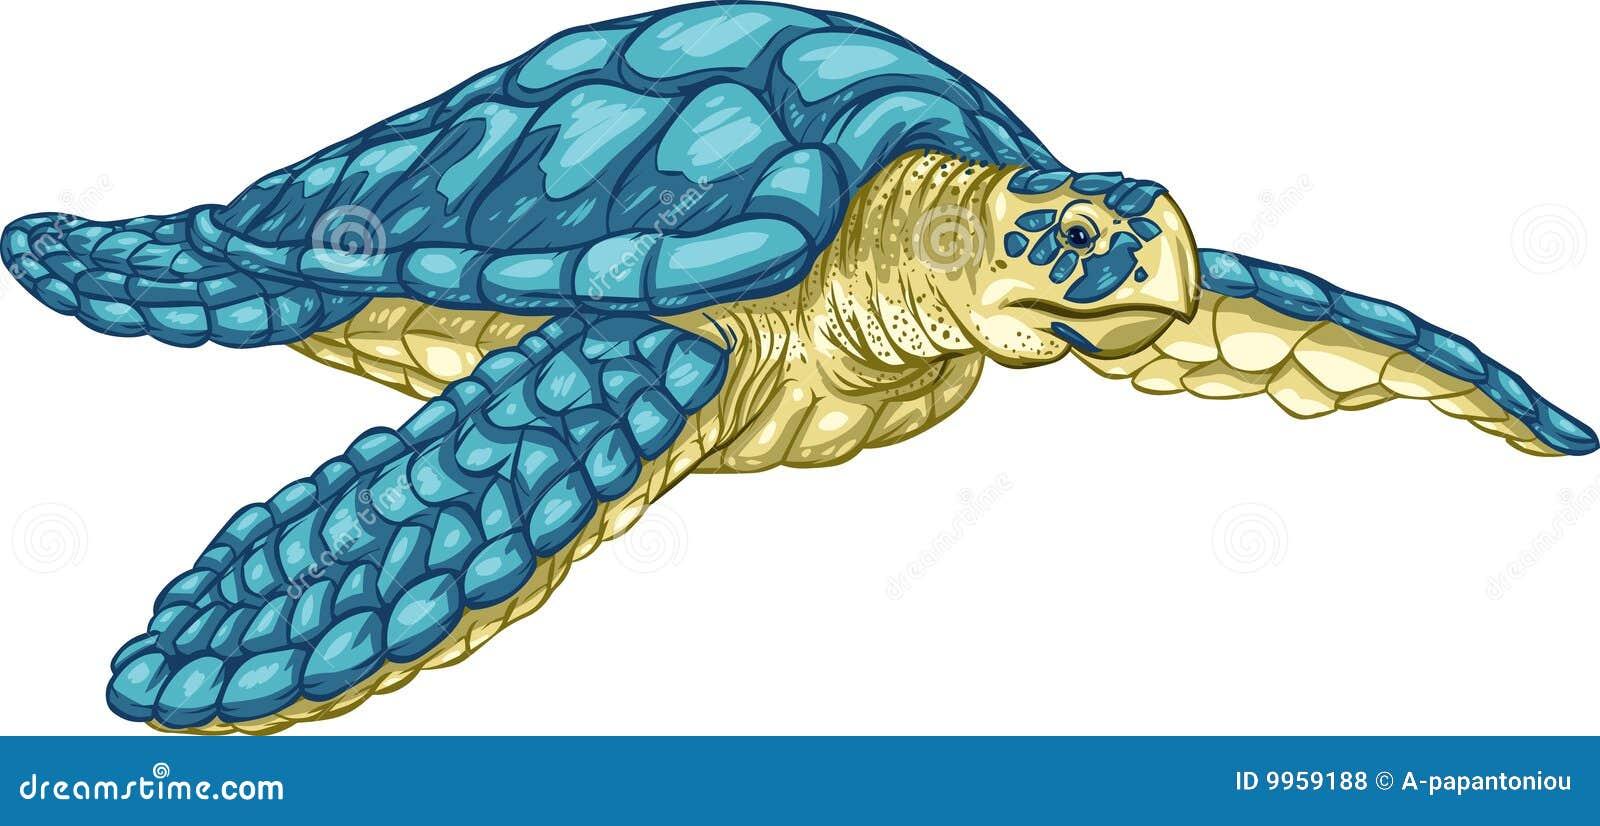 15++ Sea turtle clipart free info